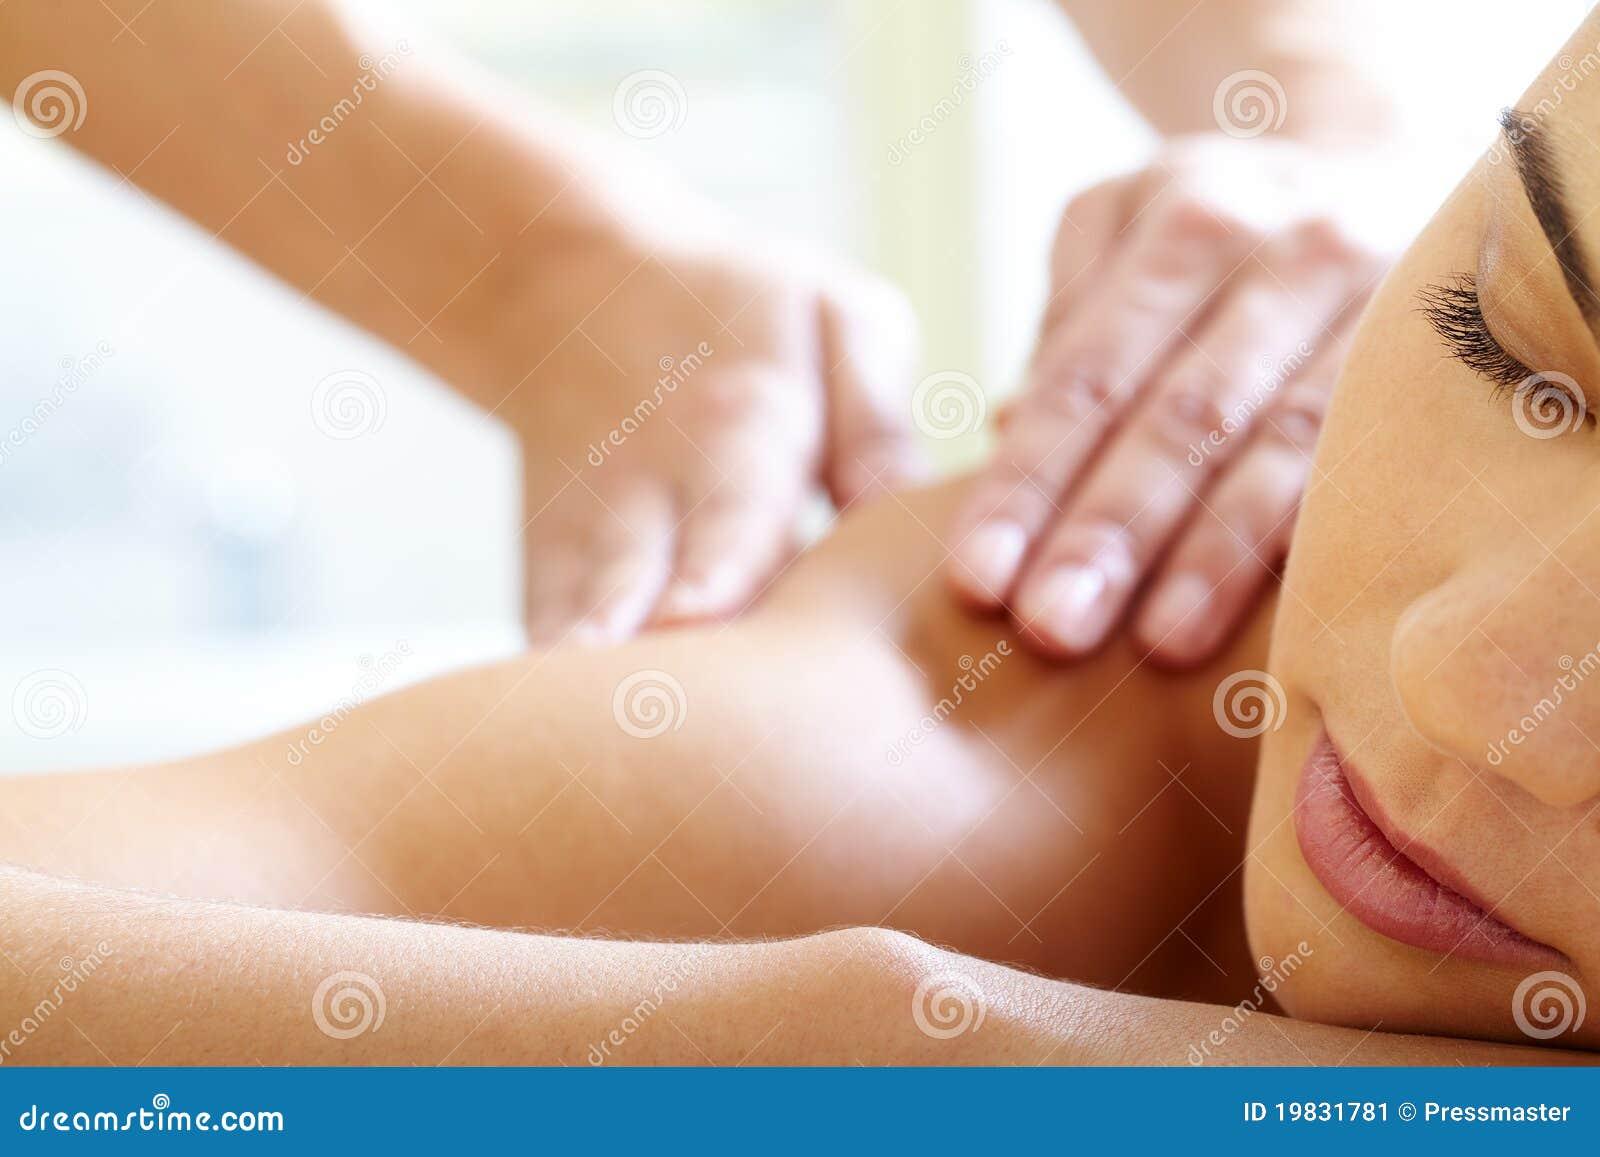 Avere massaggio